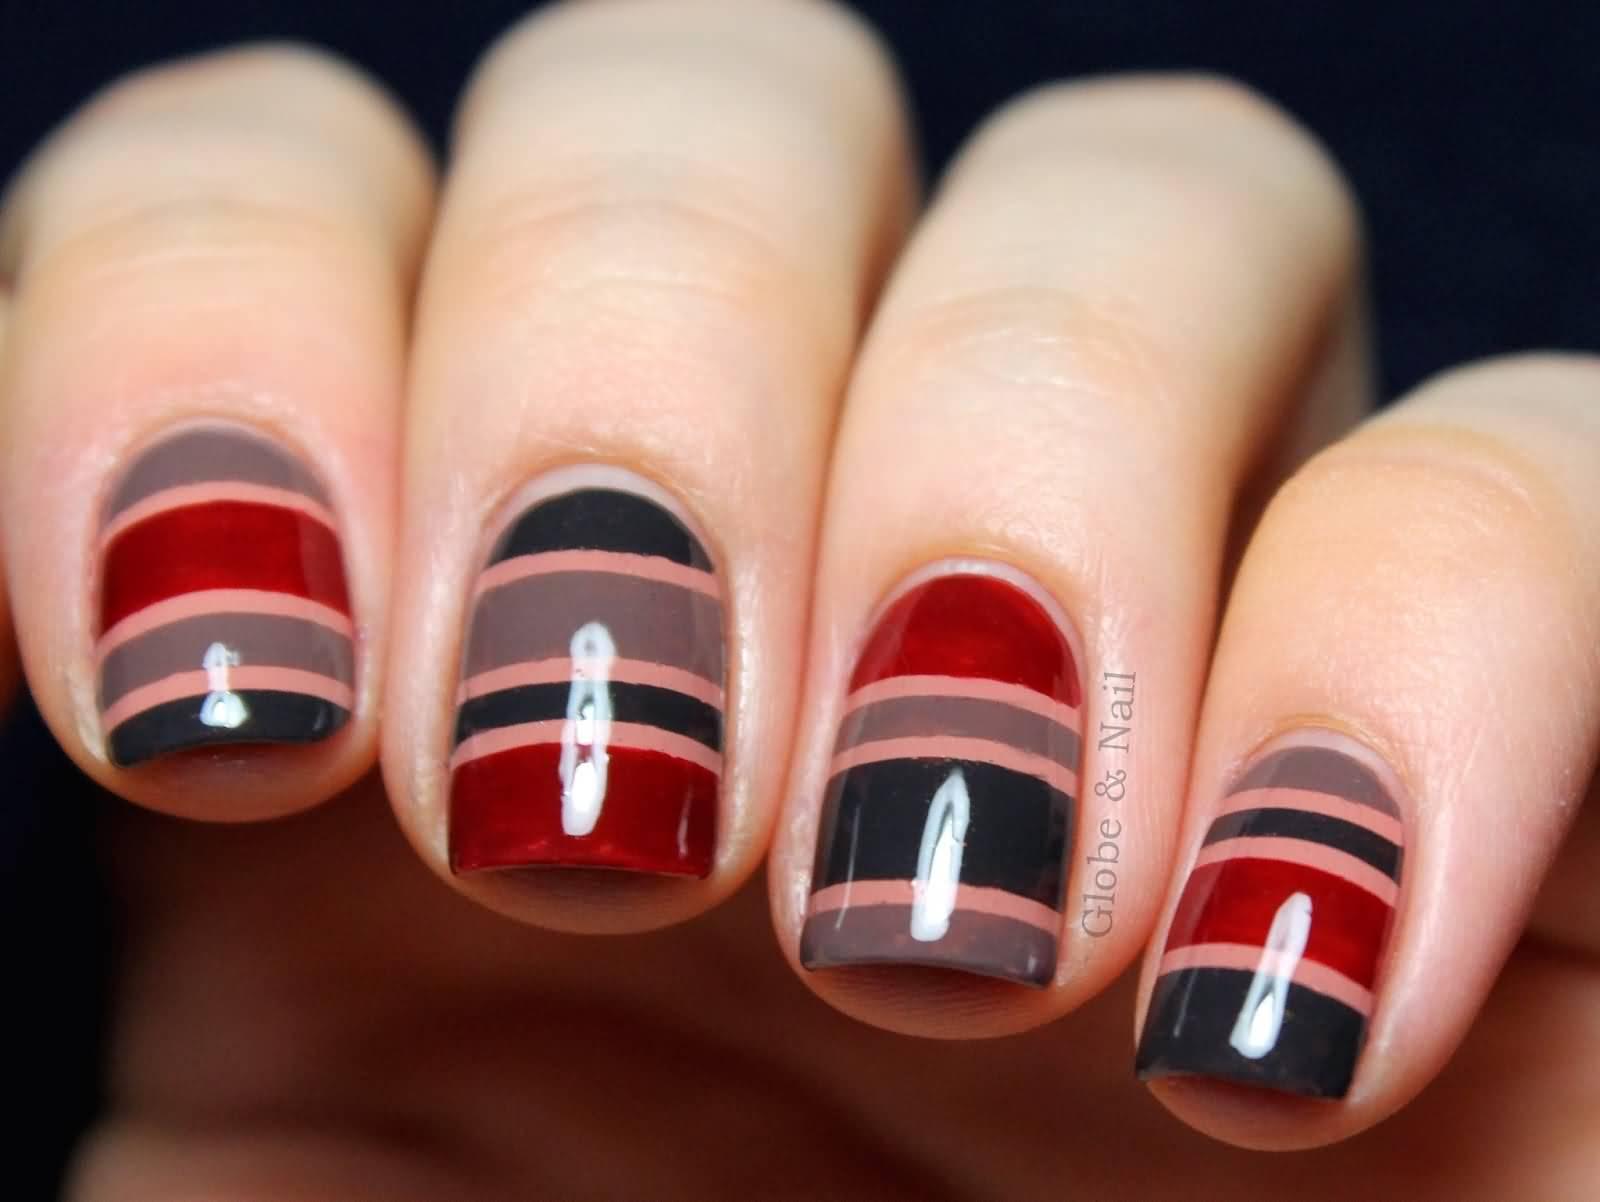 Multicolored Stripes Nail Art Design Idea